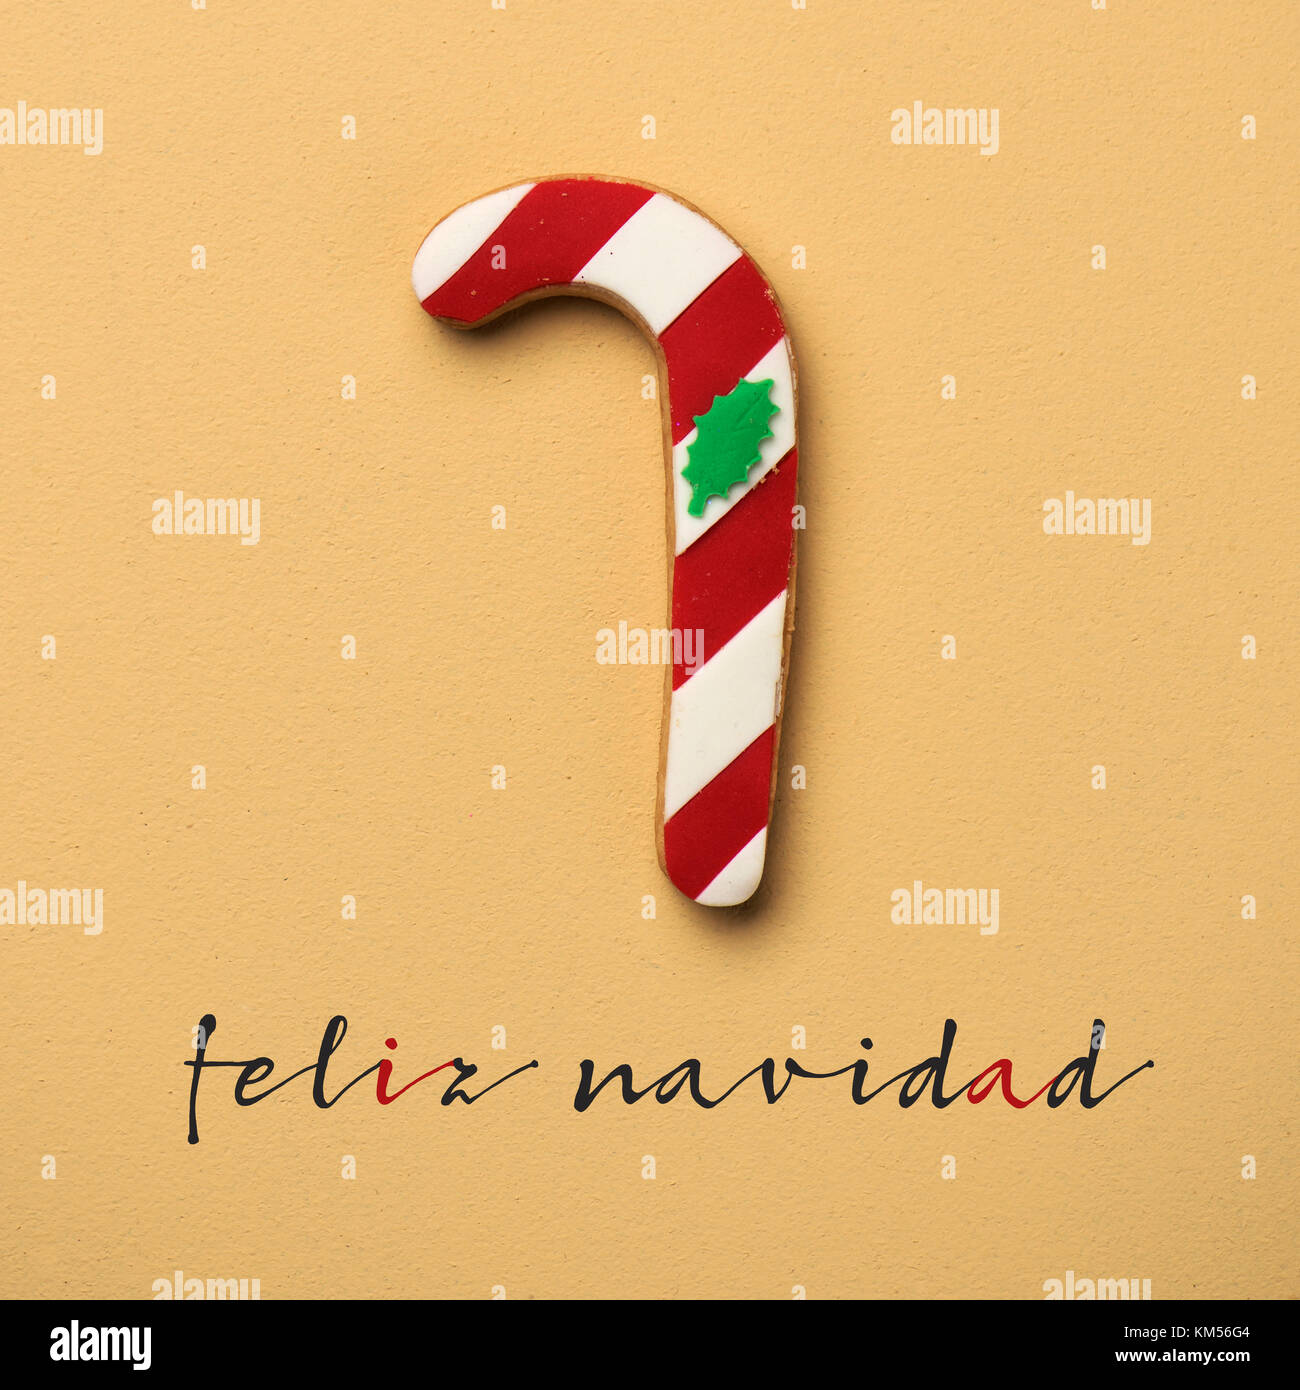 Una cookie coloroful en forma de bastón de caramelo y el texto feliz navidad, feliz navidad en español, Imagen De Stock